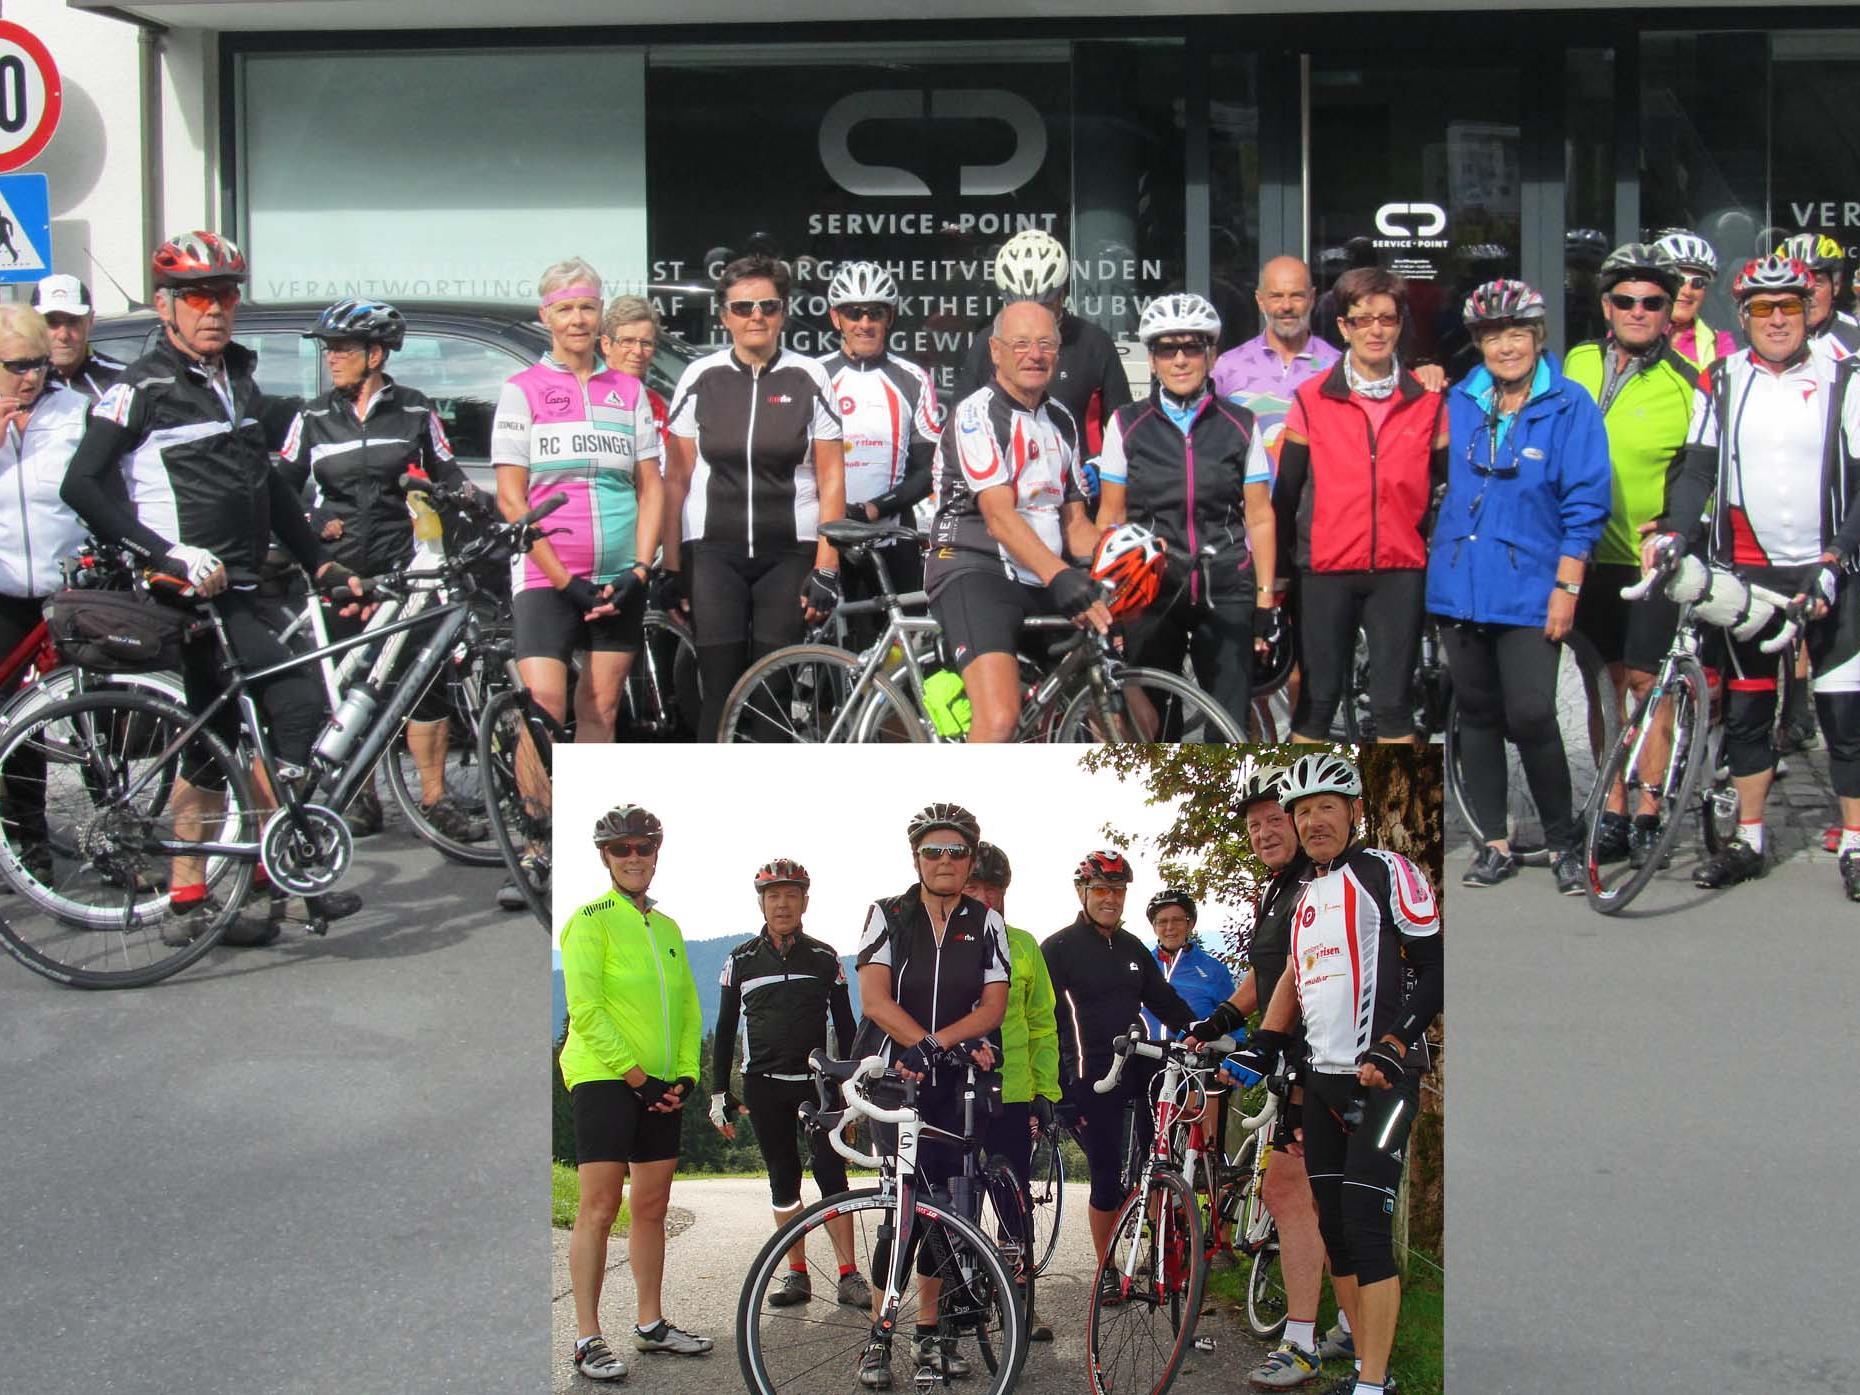 Team per pedales: Im Hofsteig und Rheintal unterwegs